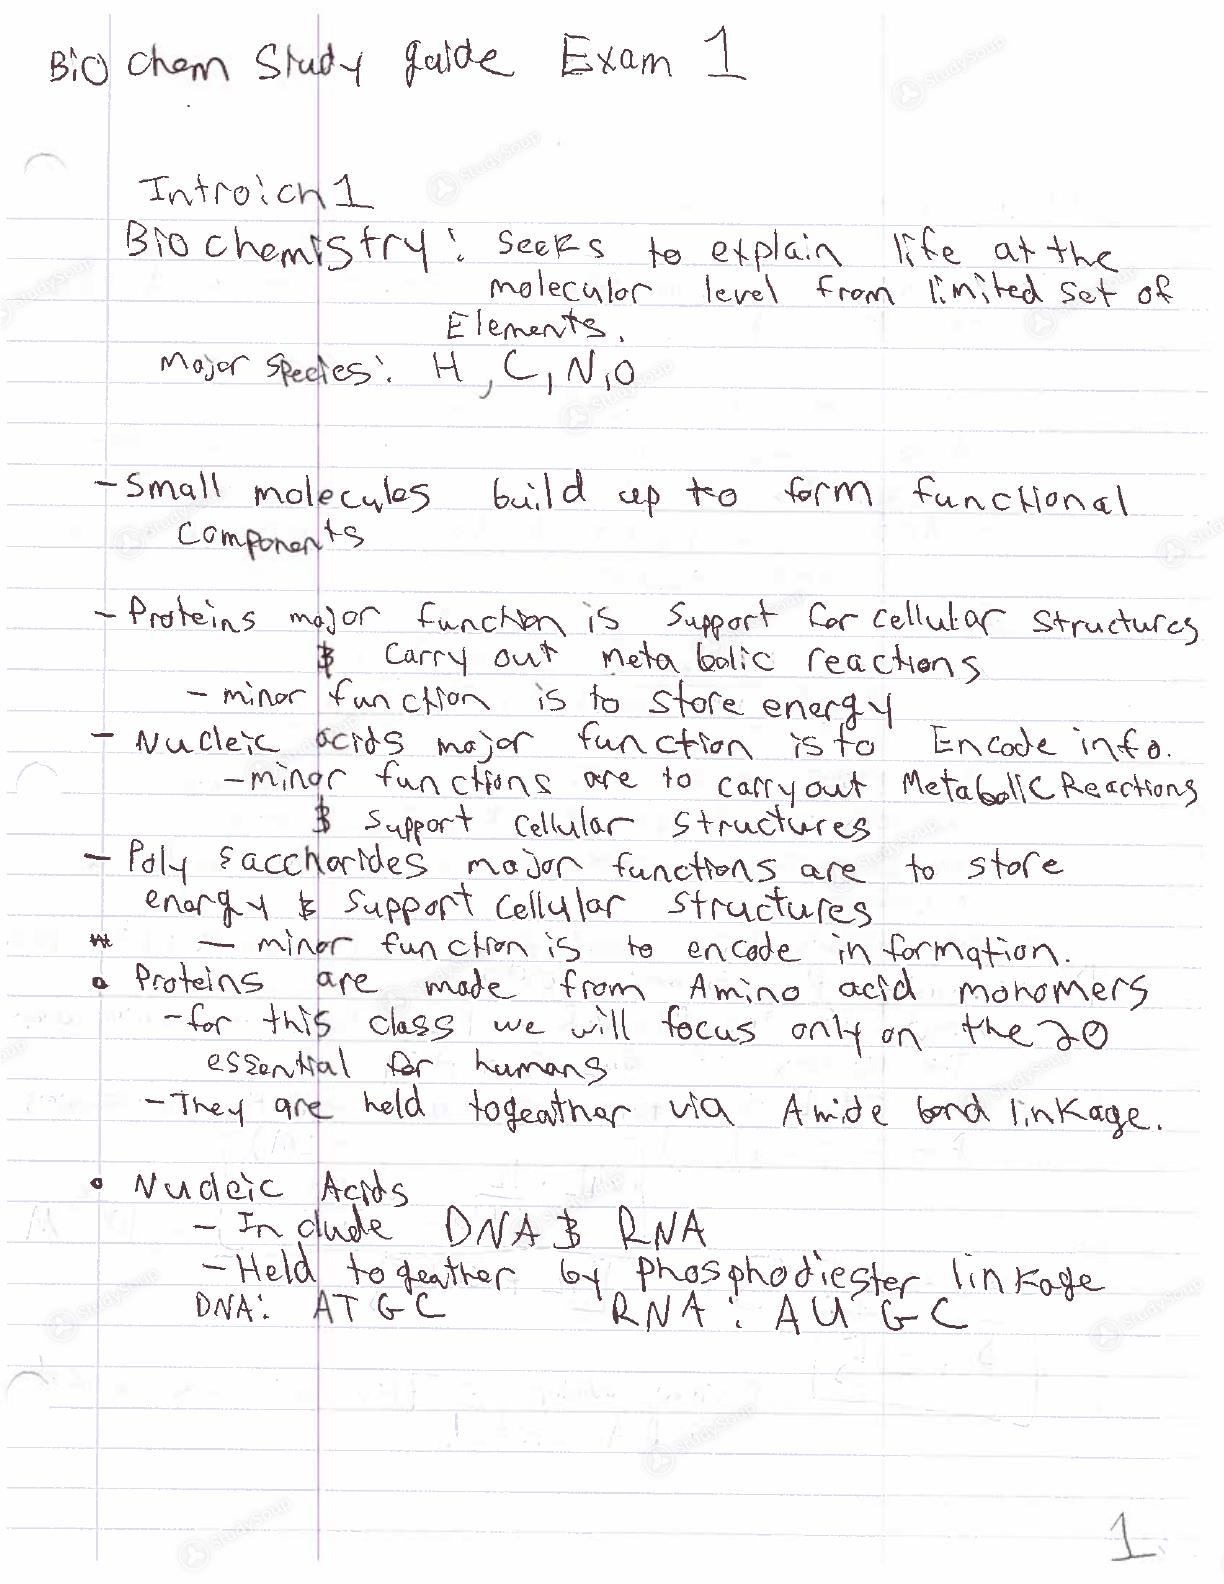 OSU - BIOCHEM 4511 - Study Guide - Midterm | StudySoup